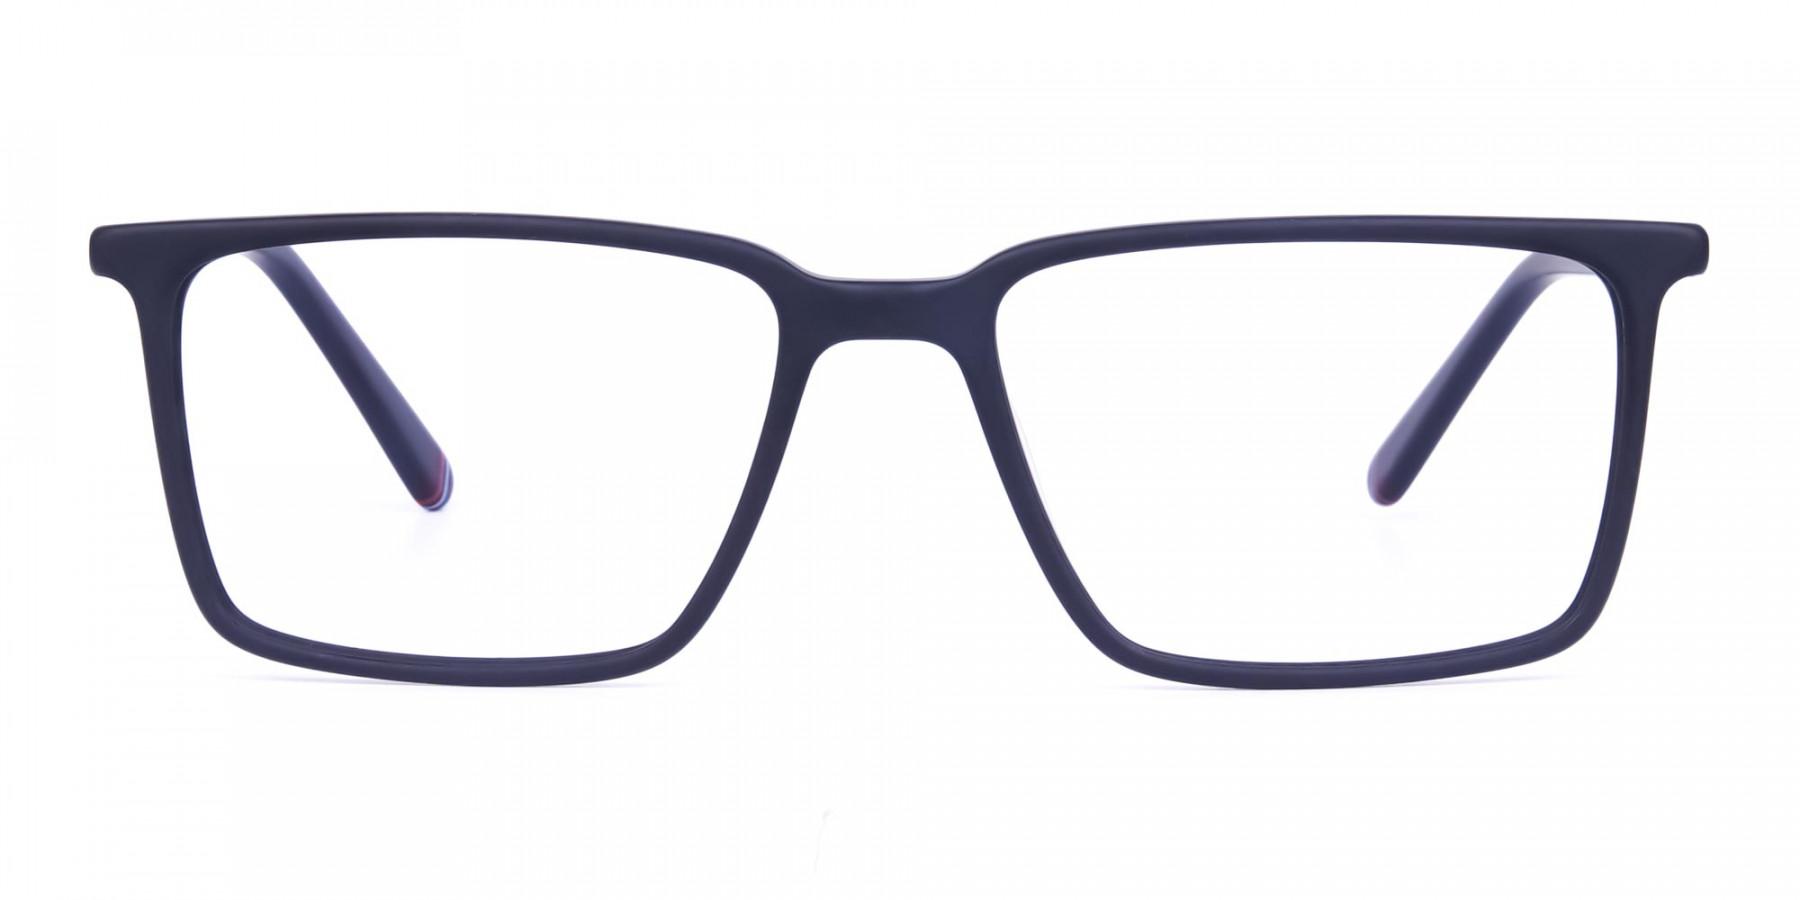 Matte-Black-Fully-Rimmed-Rectangular-Glasses-1